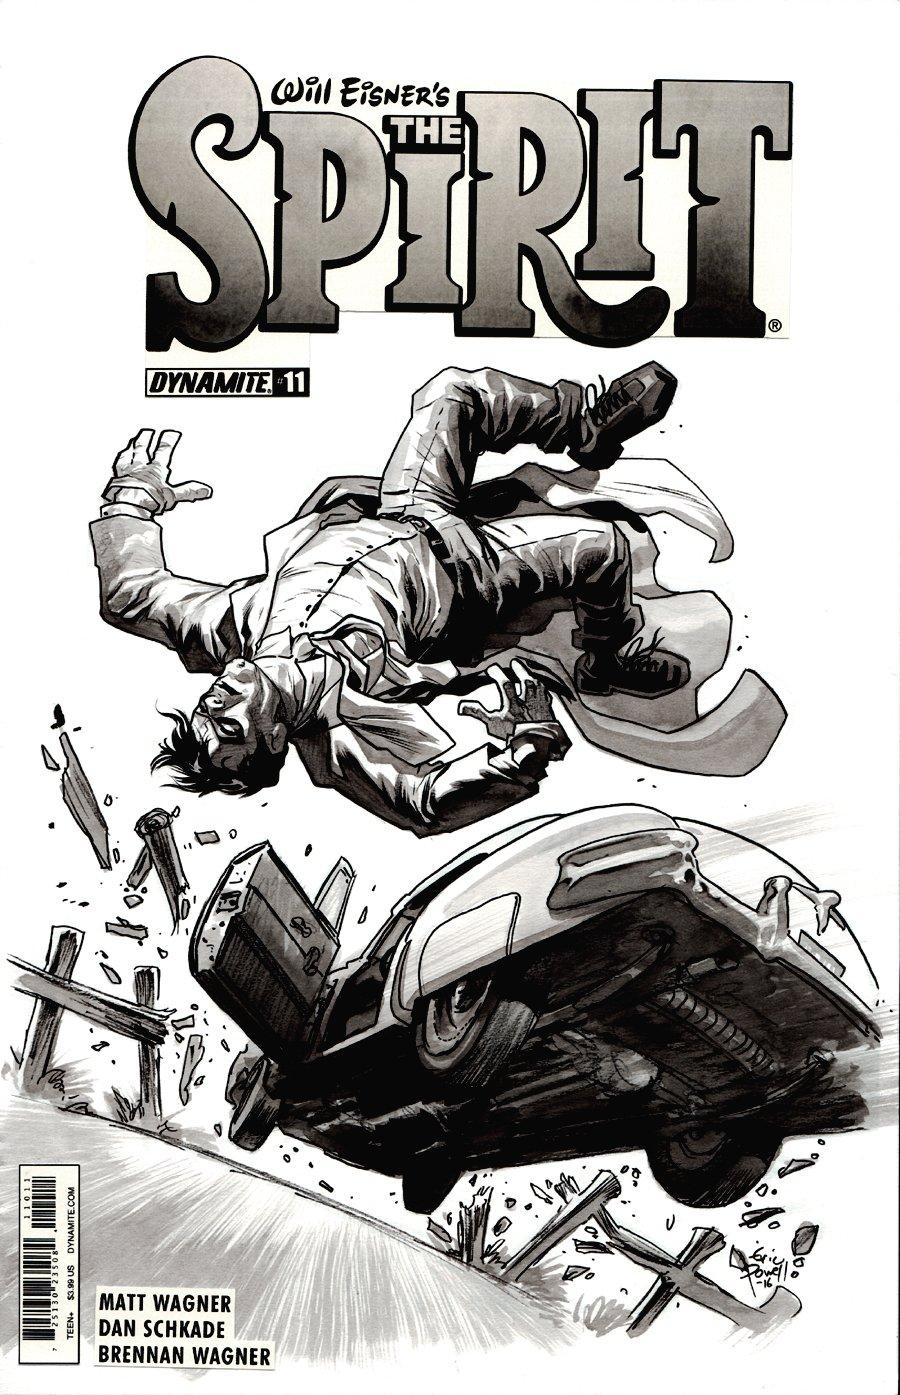 Will Eisner's The Spirit #11 Cover (2015)